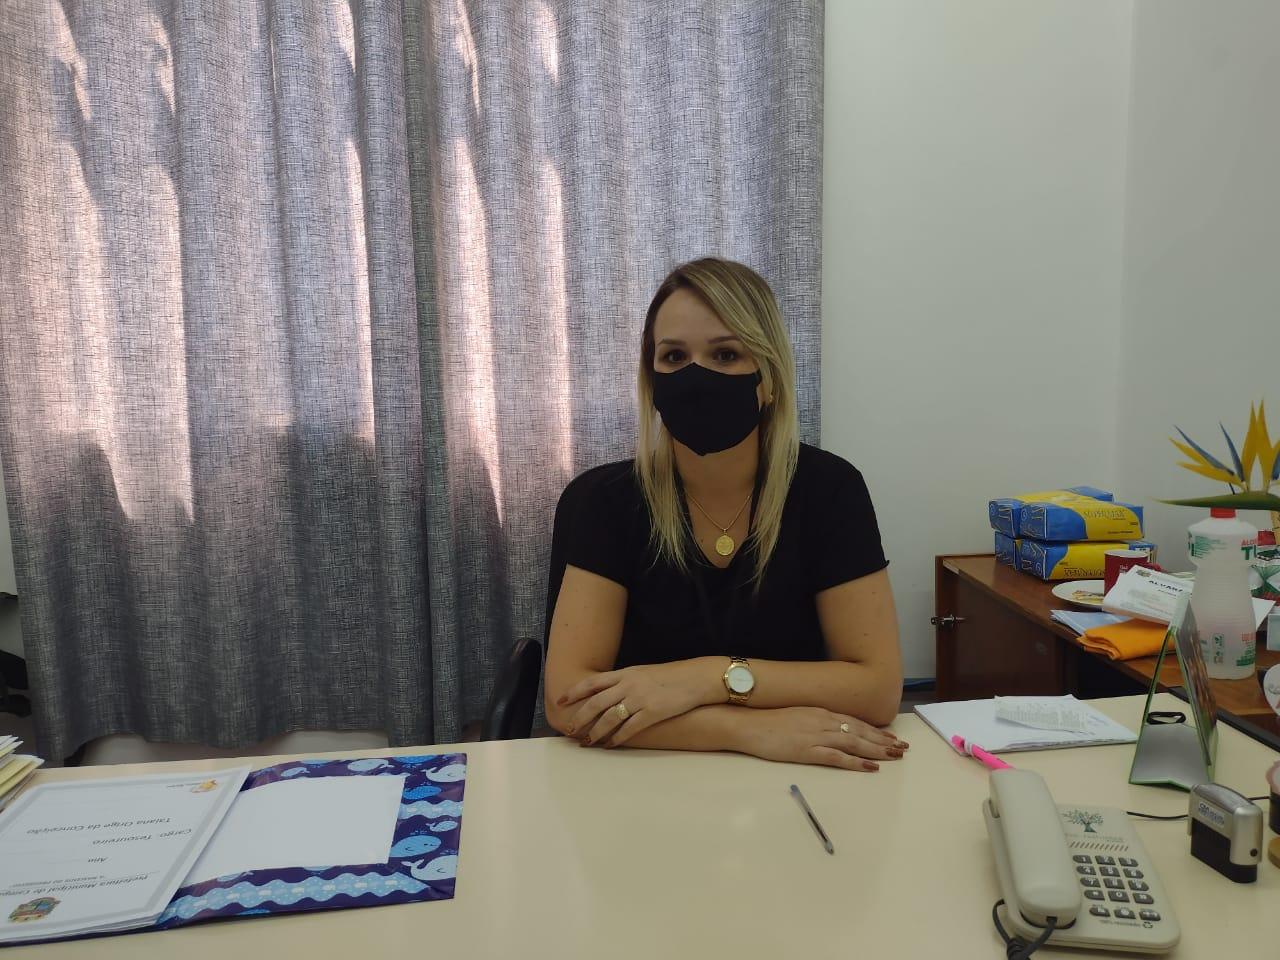 Com 62 casos e em bandeira vermelha, Campos Borges irá aumentar fiscalização contra aglomerações